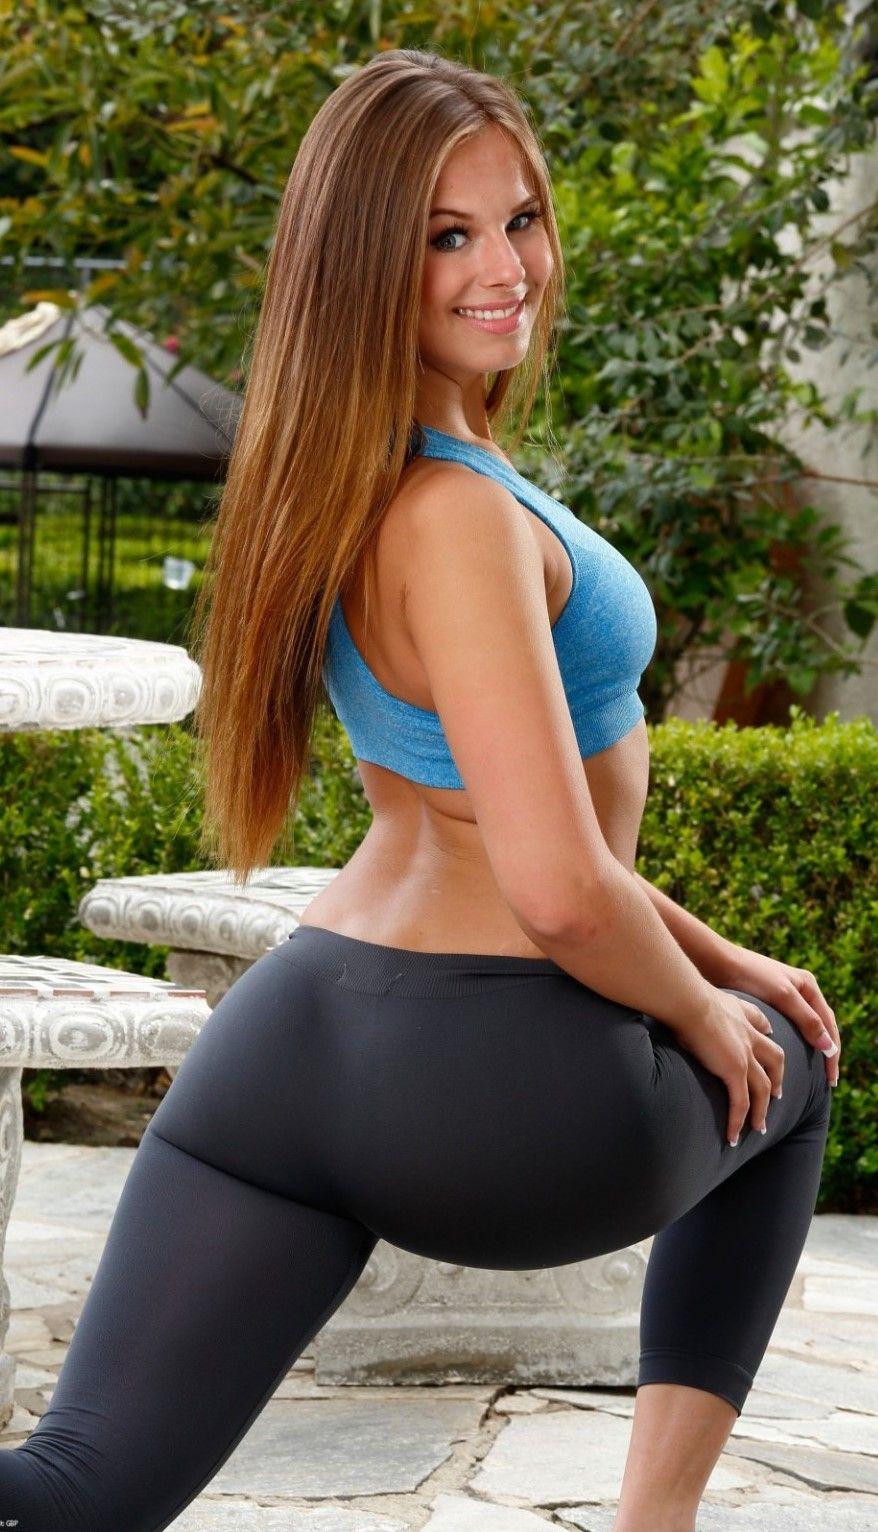 Yogamädchen, die Sex haben